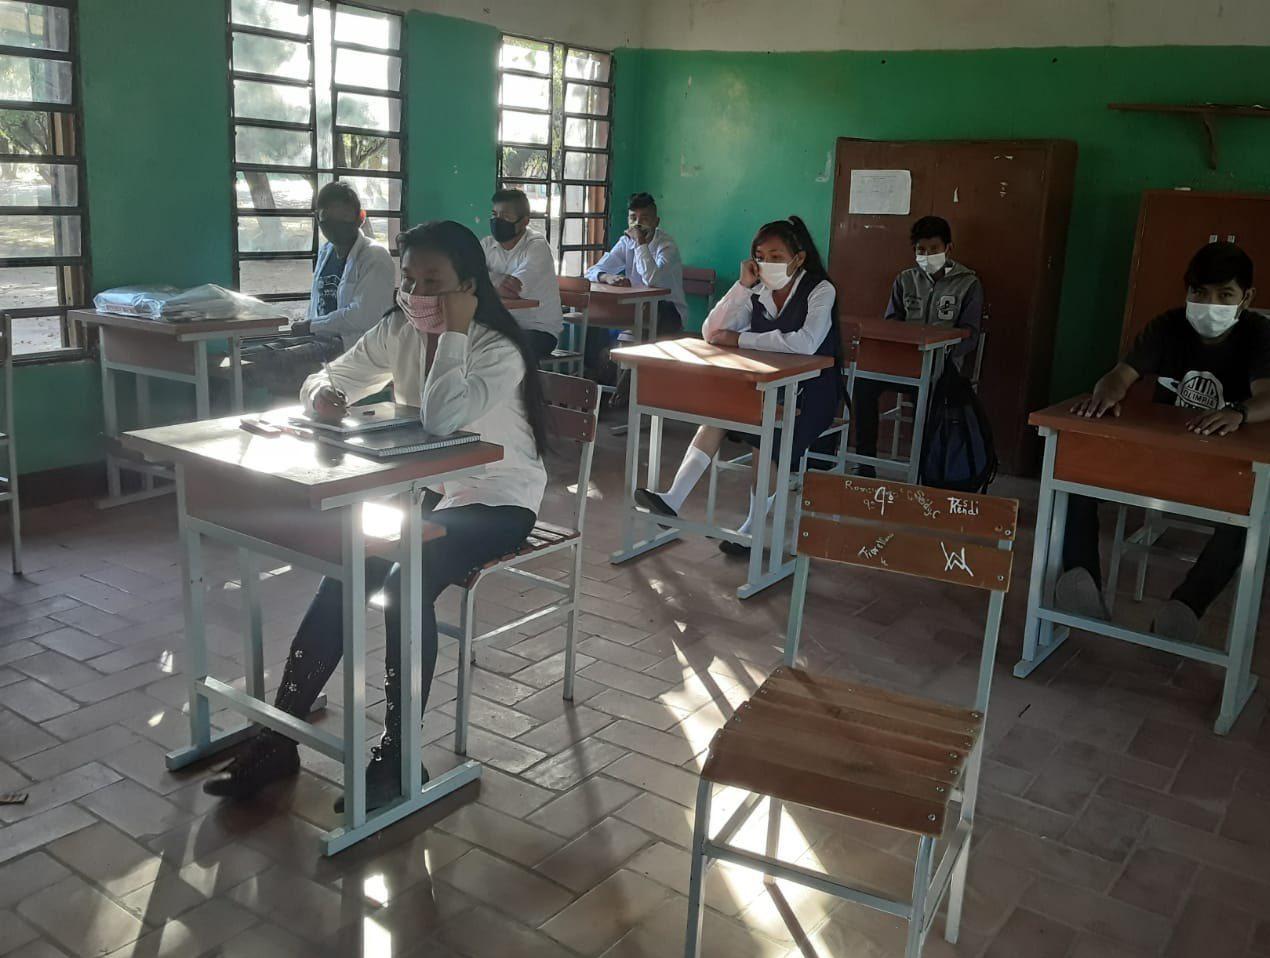 clases hibridas colegios coronavirus modo covid educacion paraguay MEC 01